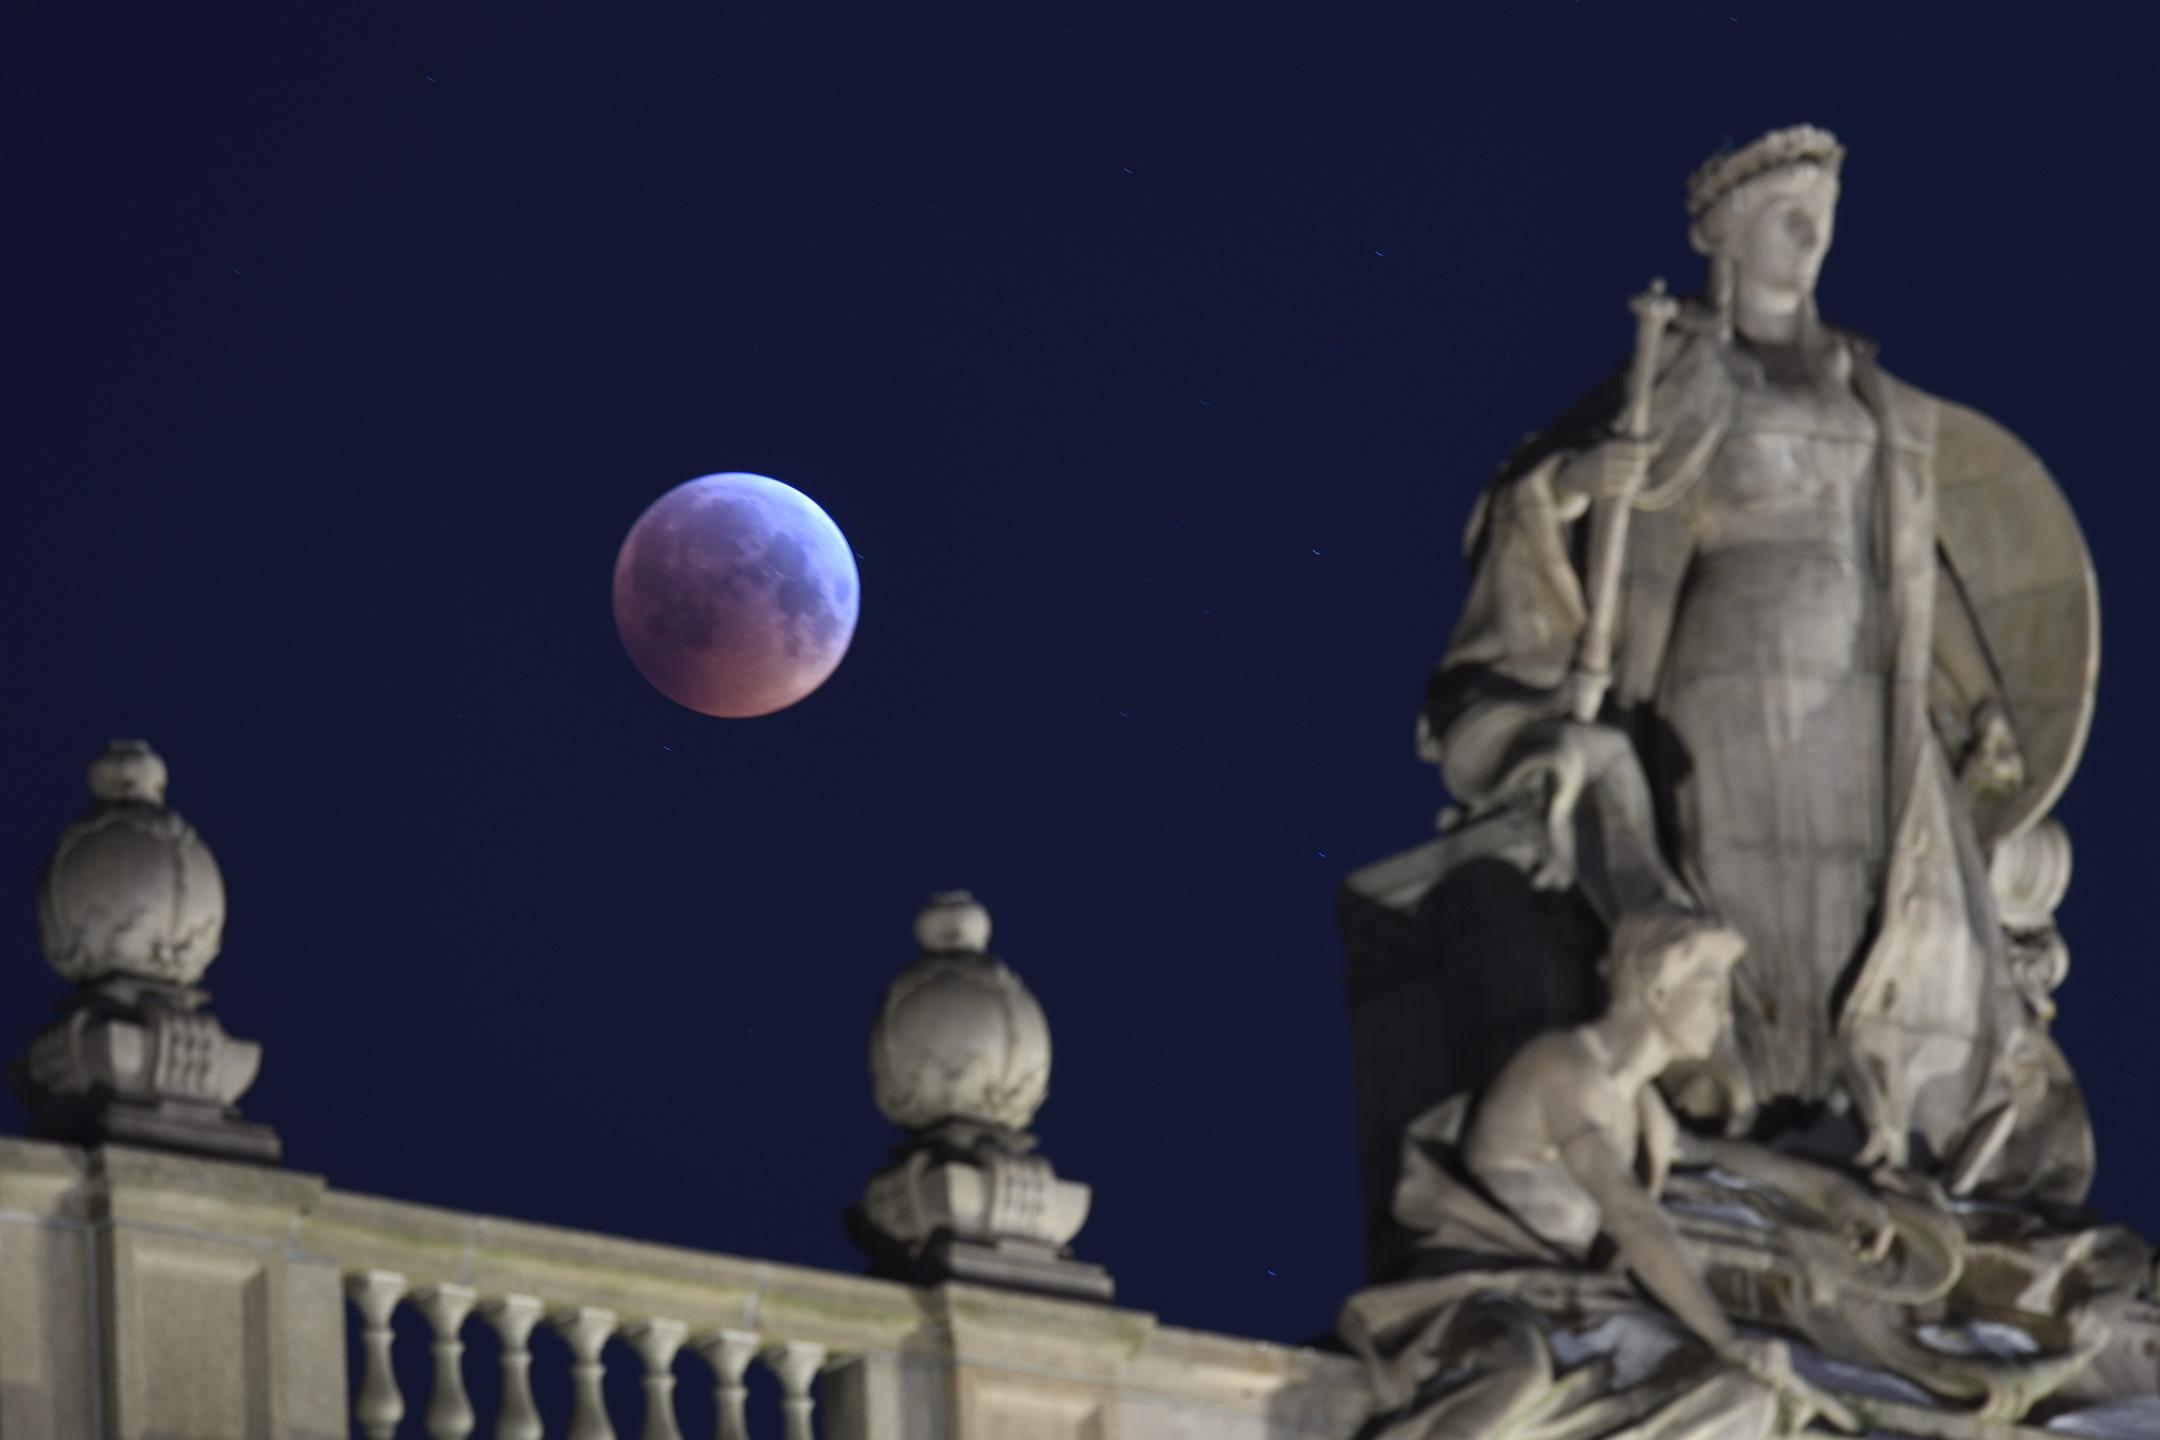 Lunar Eclipse 2019 by Magnus Norden